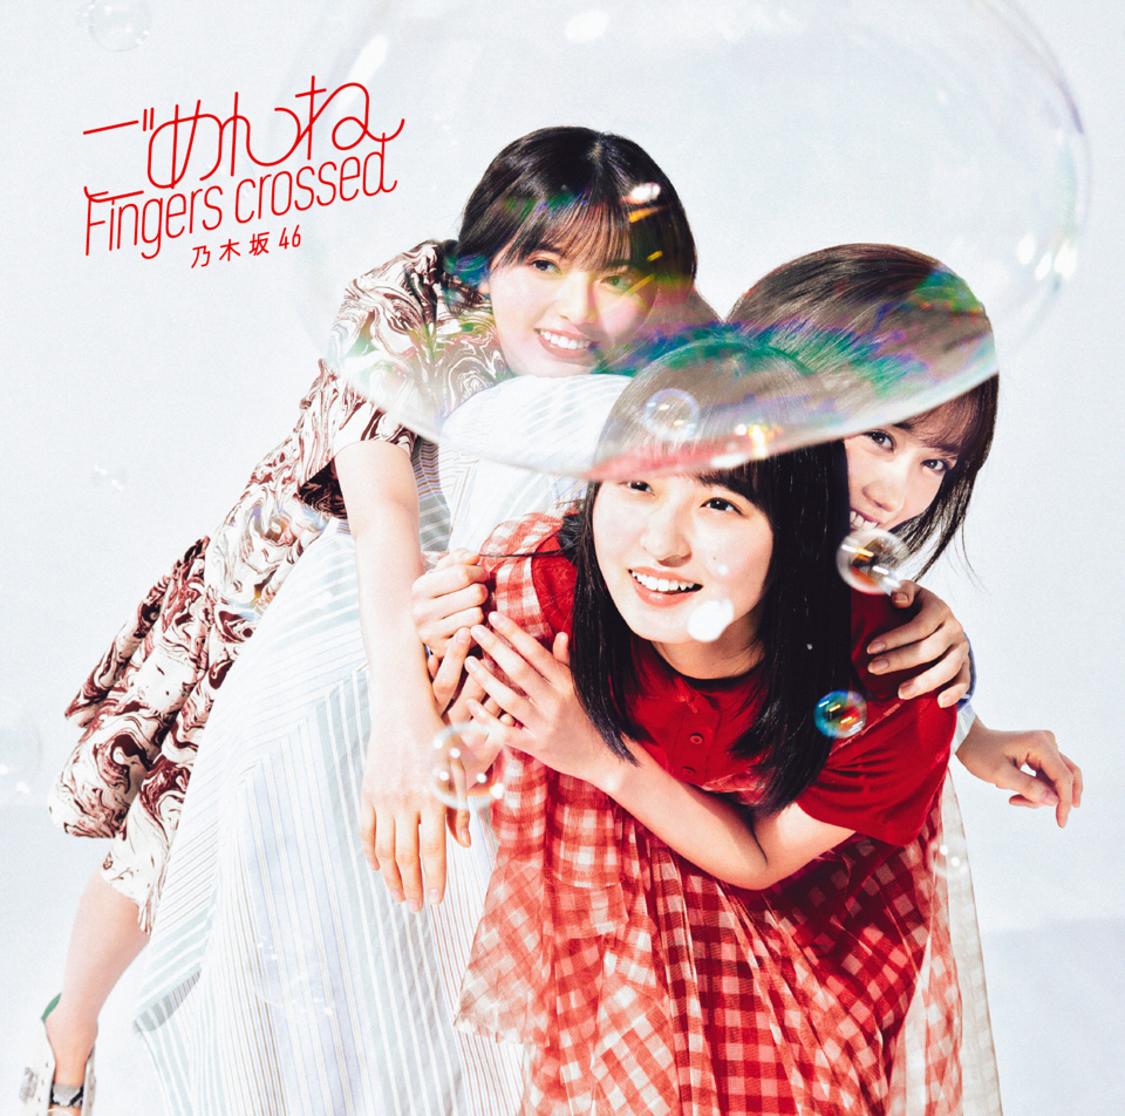 「ごめんねFingers crossed」【初回仕様限定CD+Blu-ray盤】Type-A